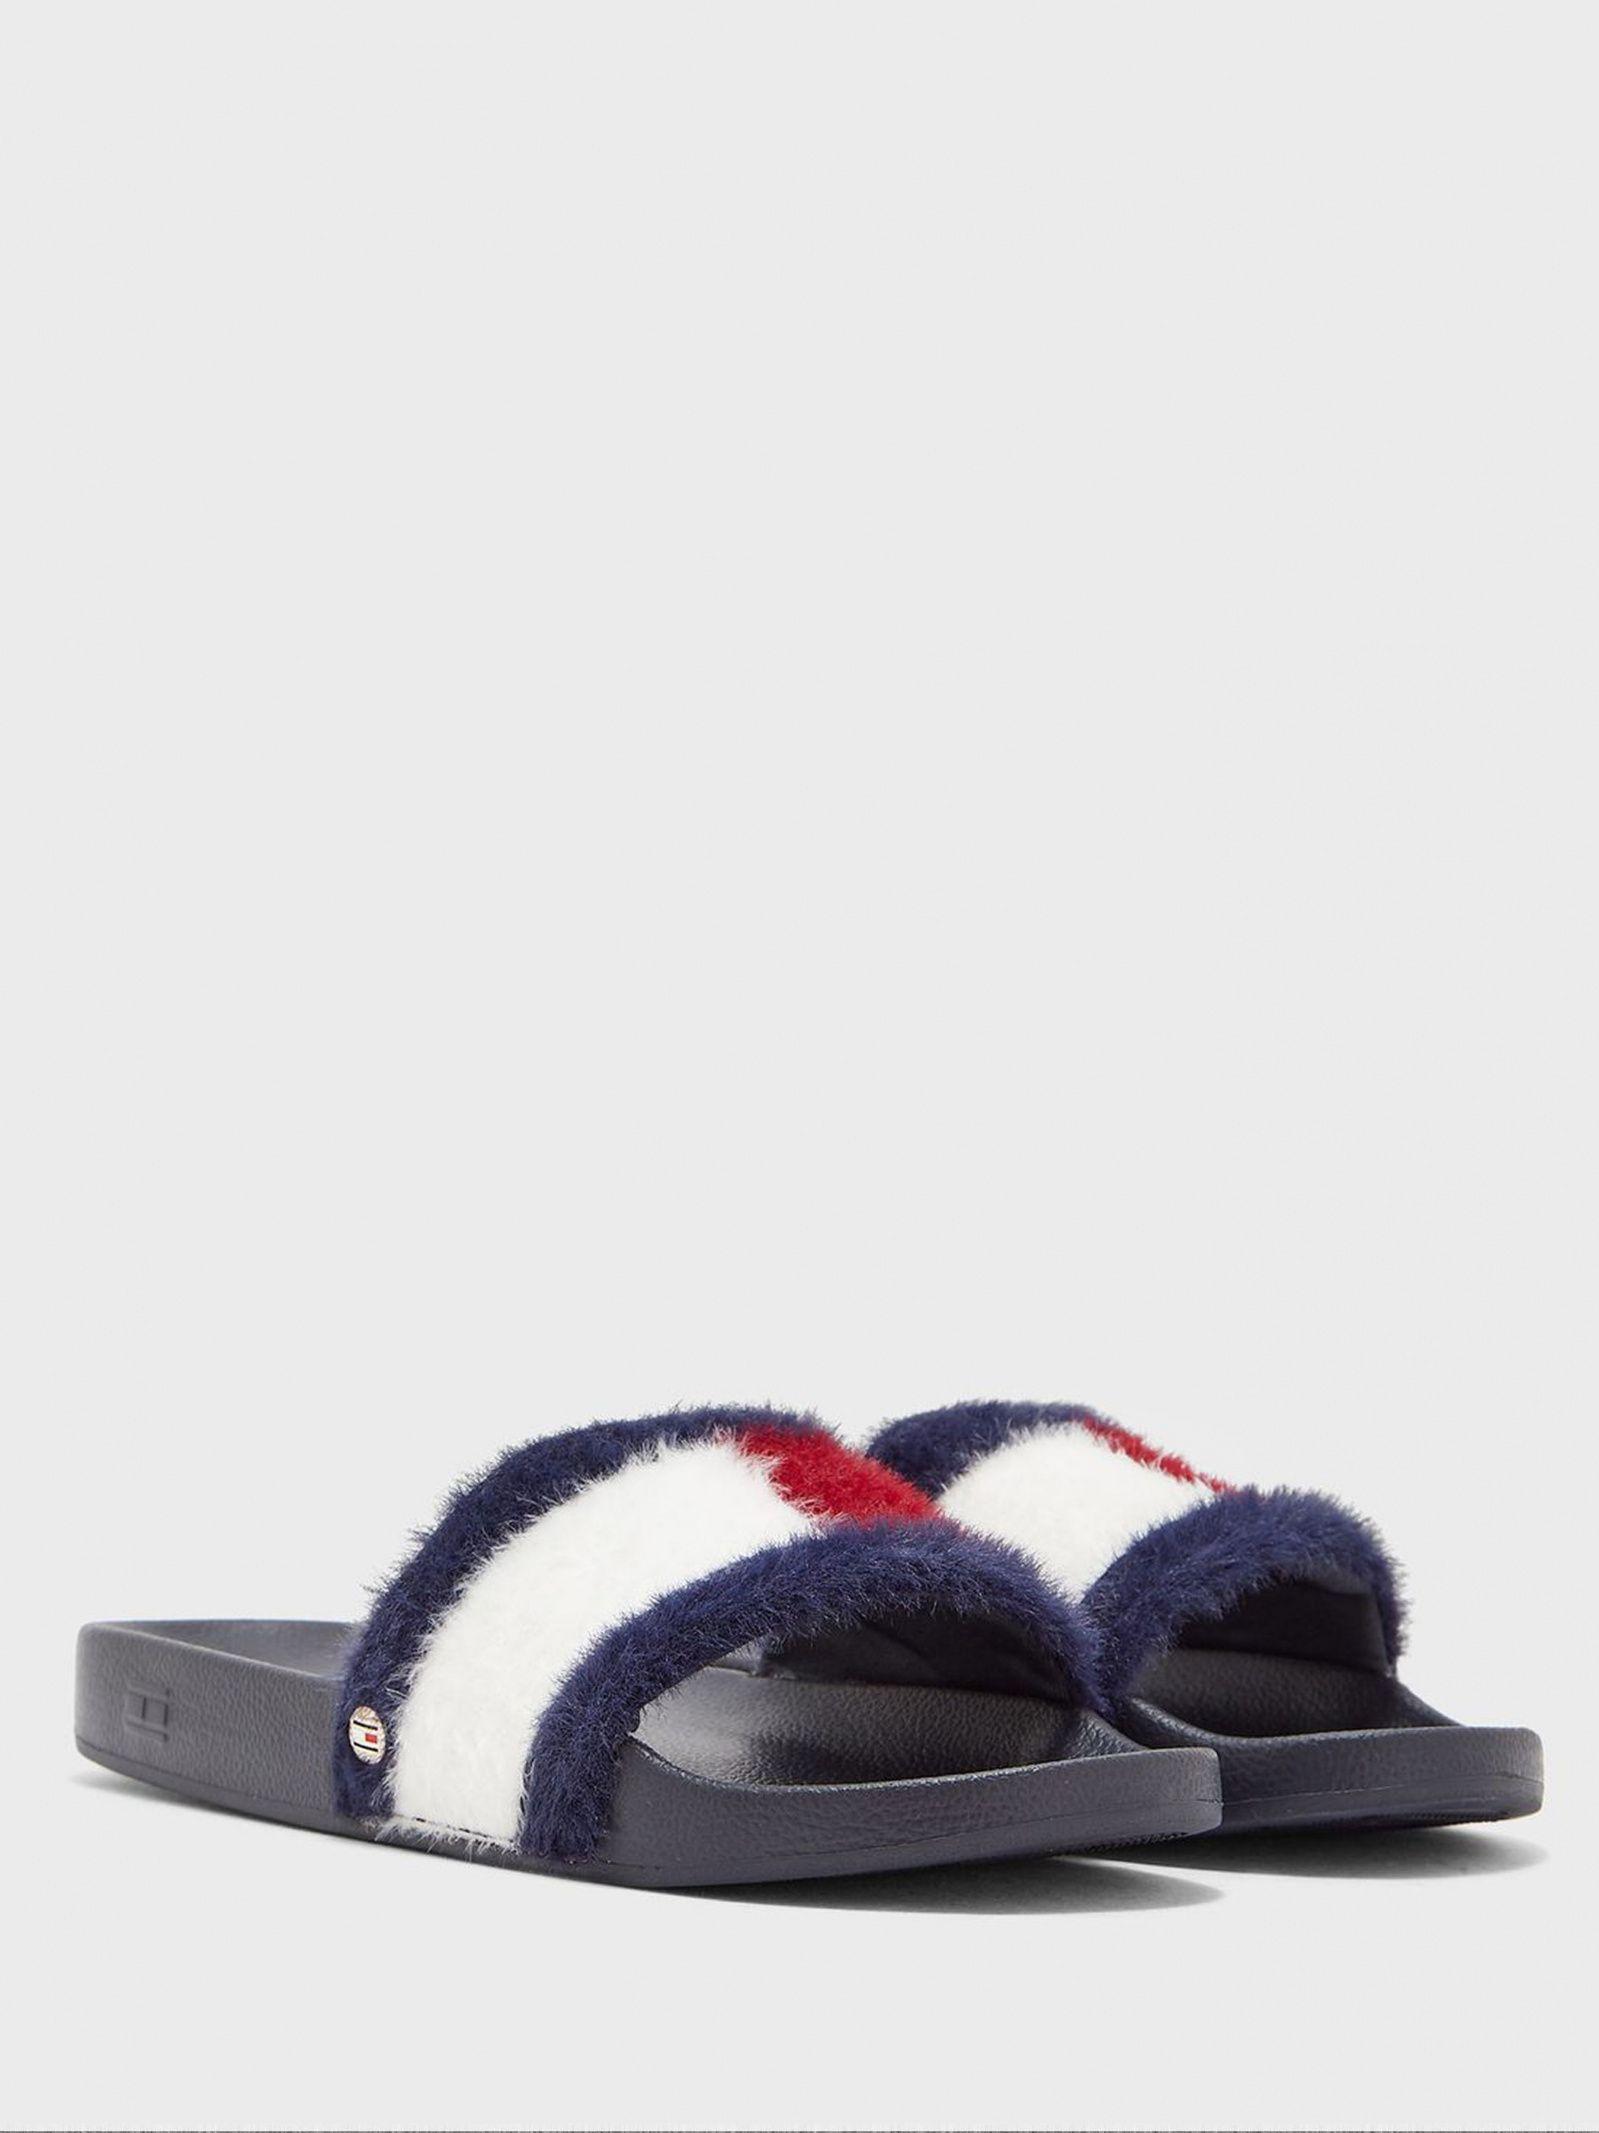 Тапки для женщин Tommy Hilfiger TD1405 брендовая обувь, 2017